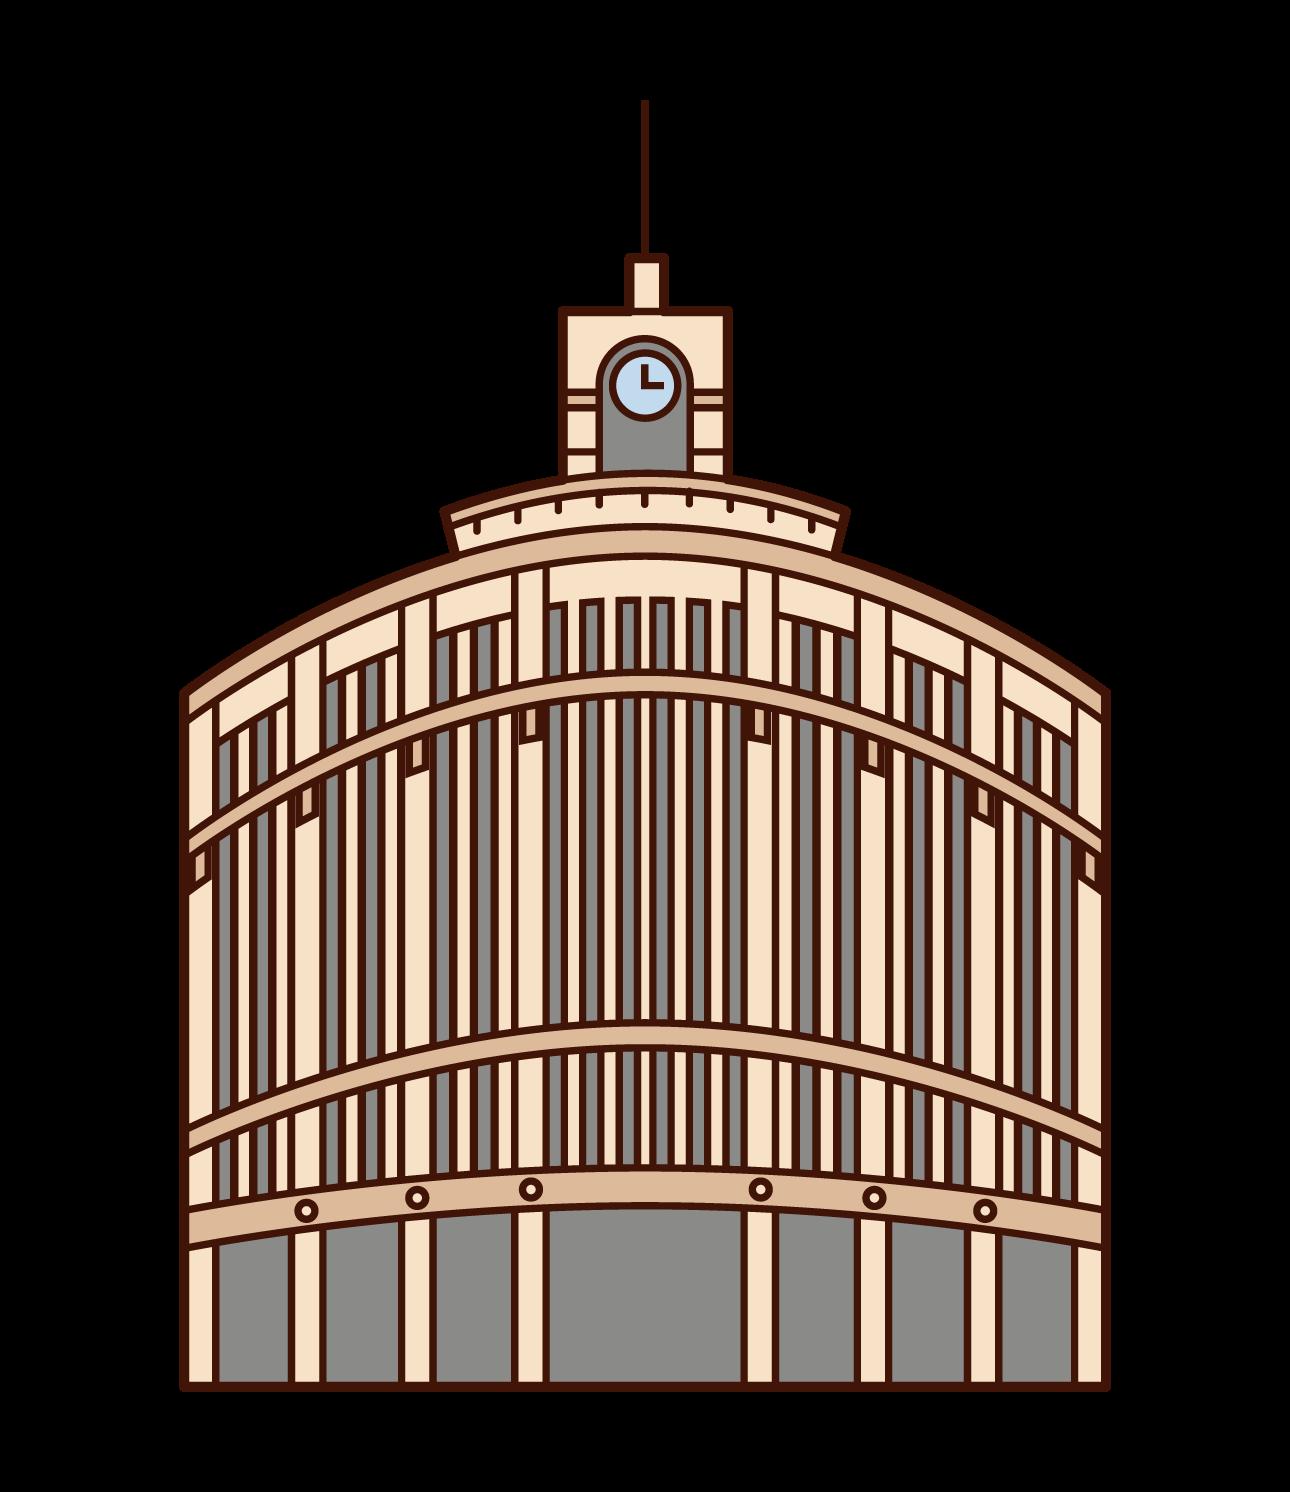 銀座の時計台のイラスト